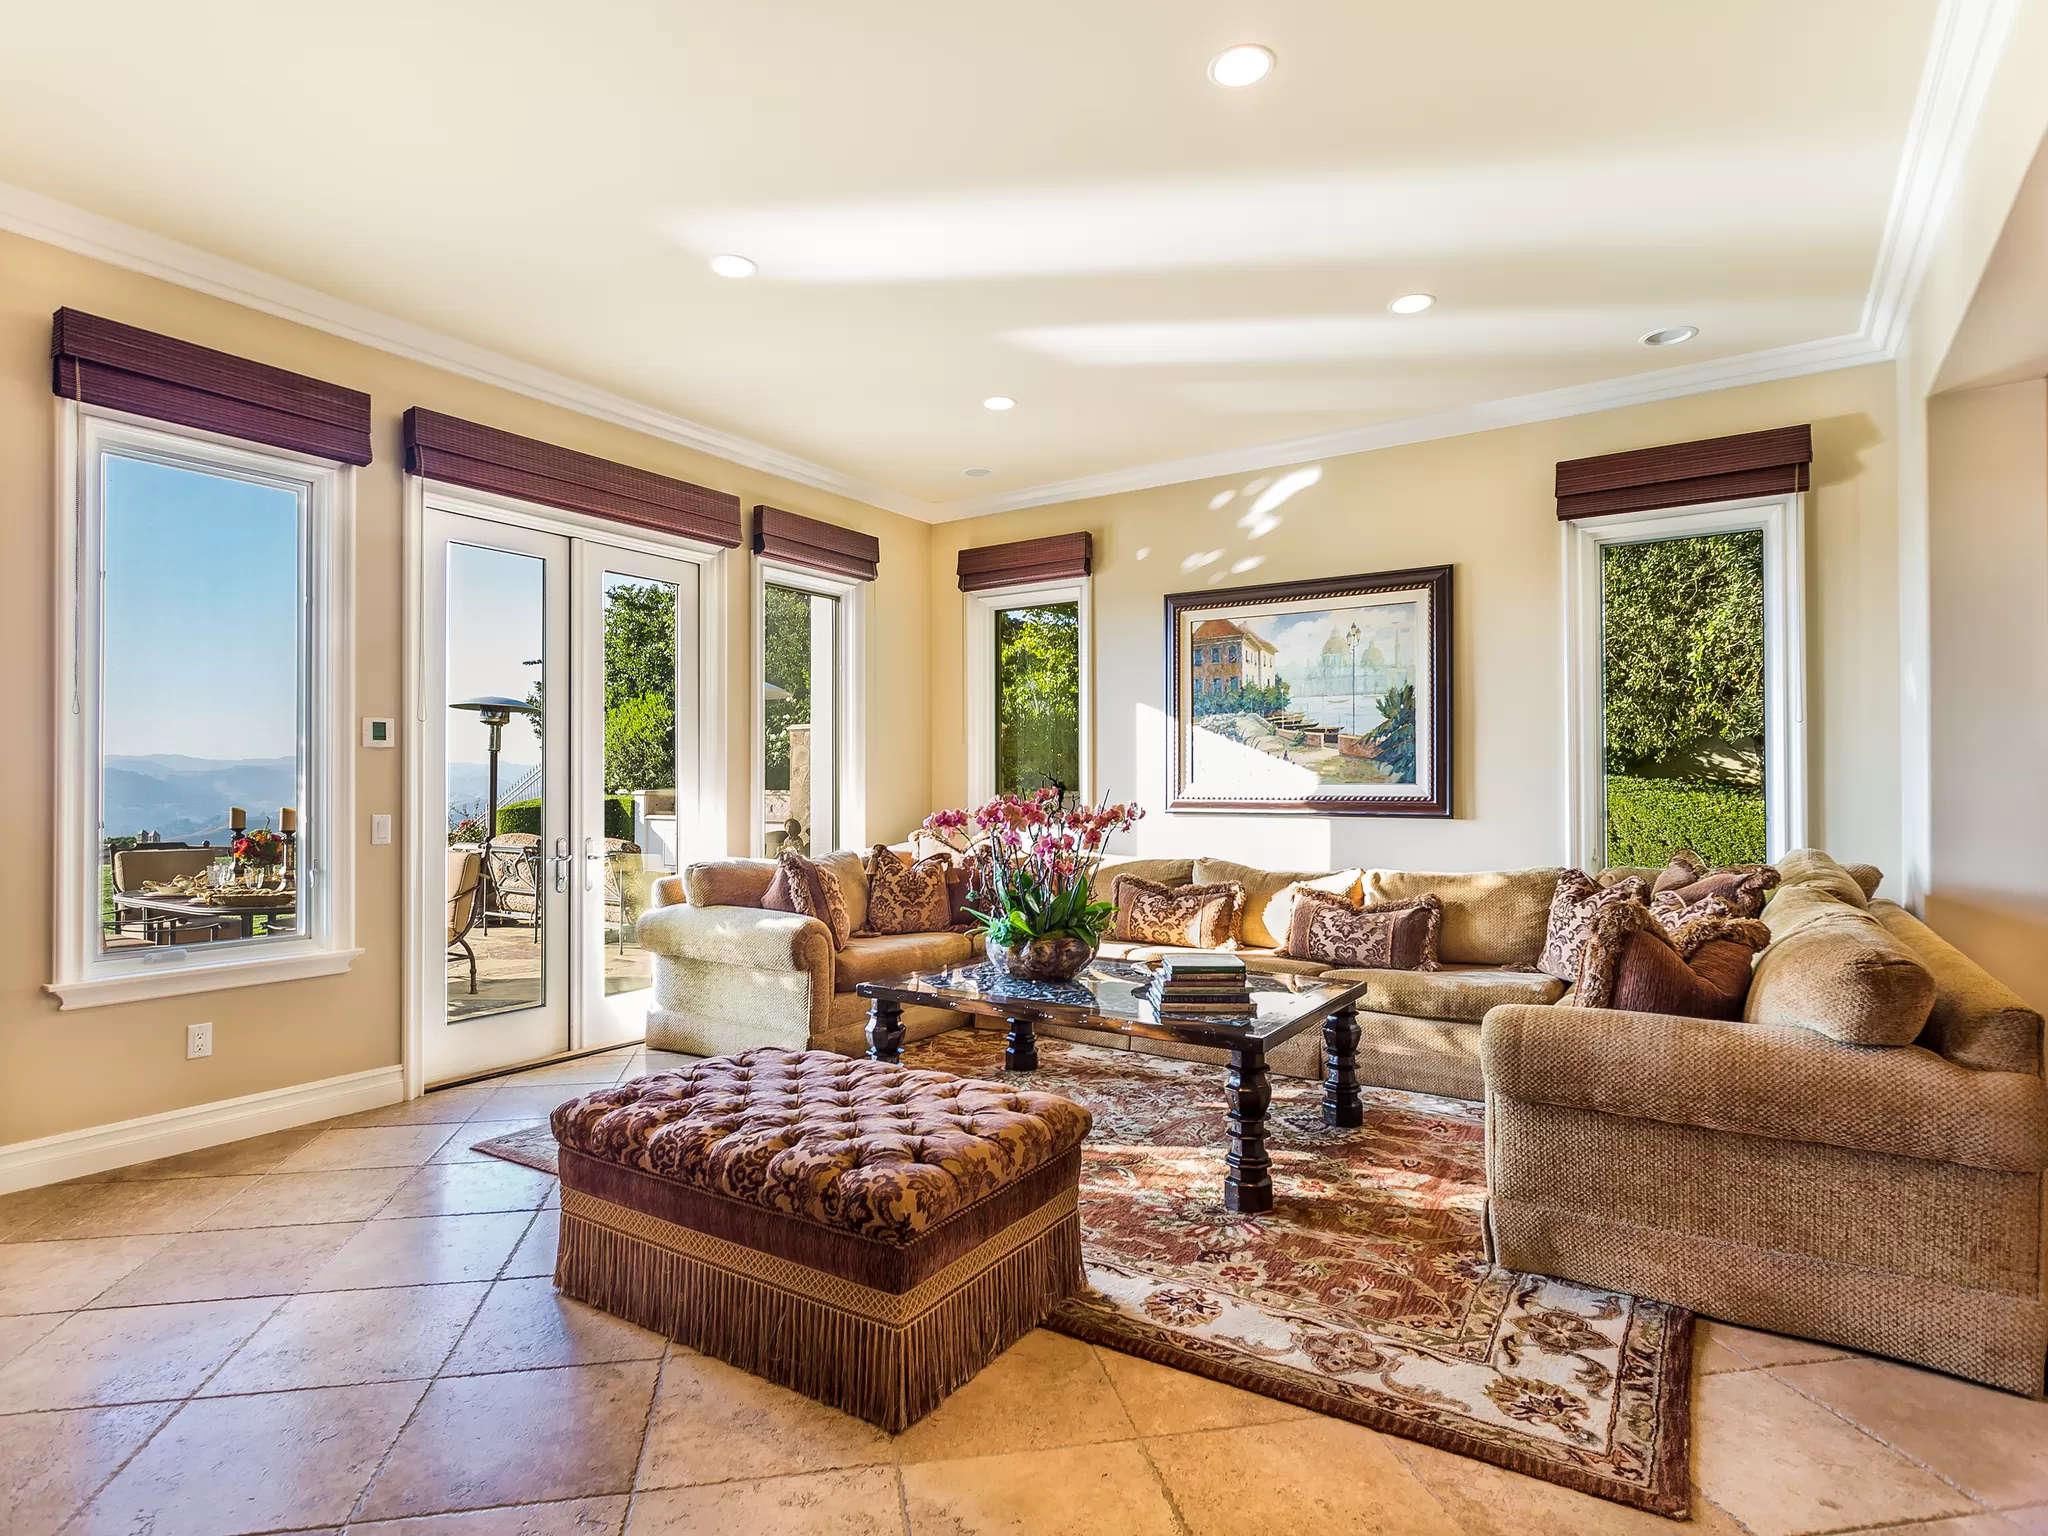 Living Room Two 4189 Prado De Los Pajaros Calabasas, CA 91302